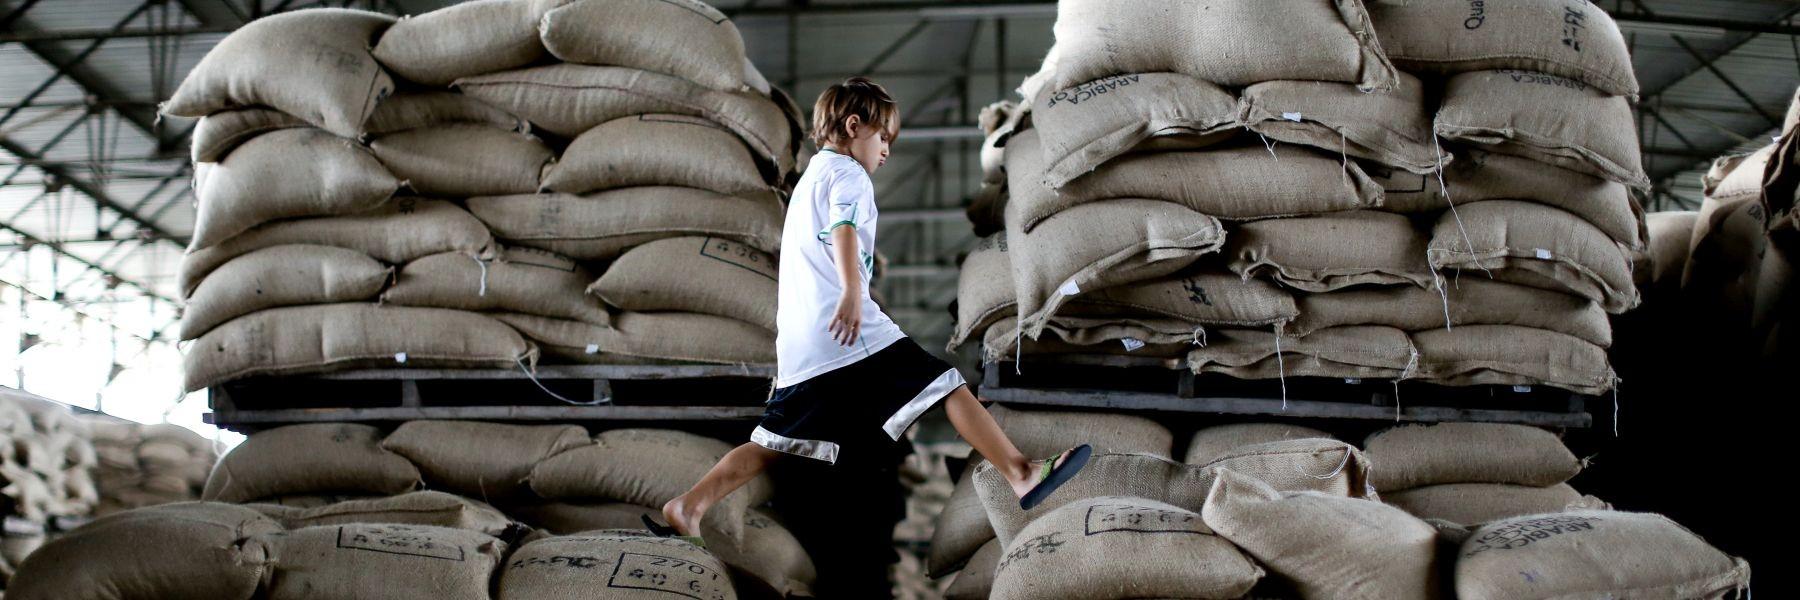 Burundi - Rohkaffeelager